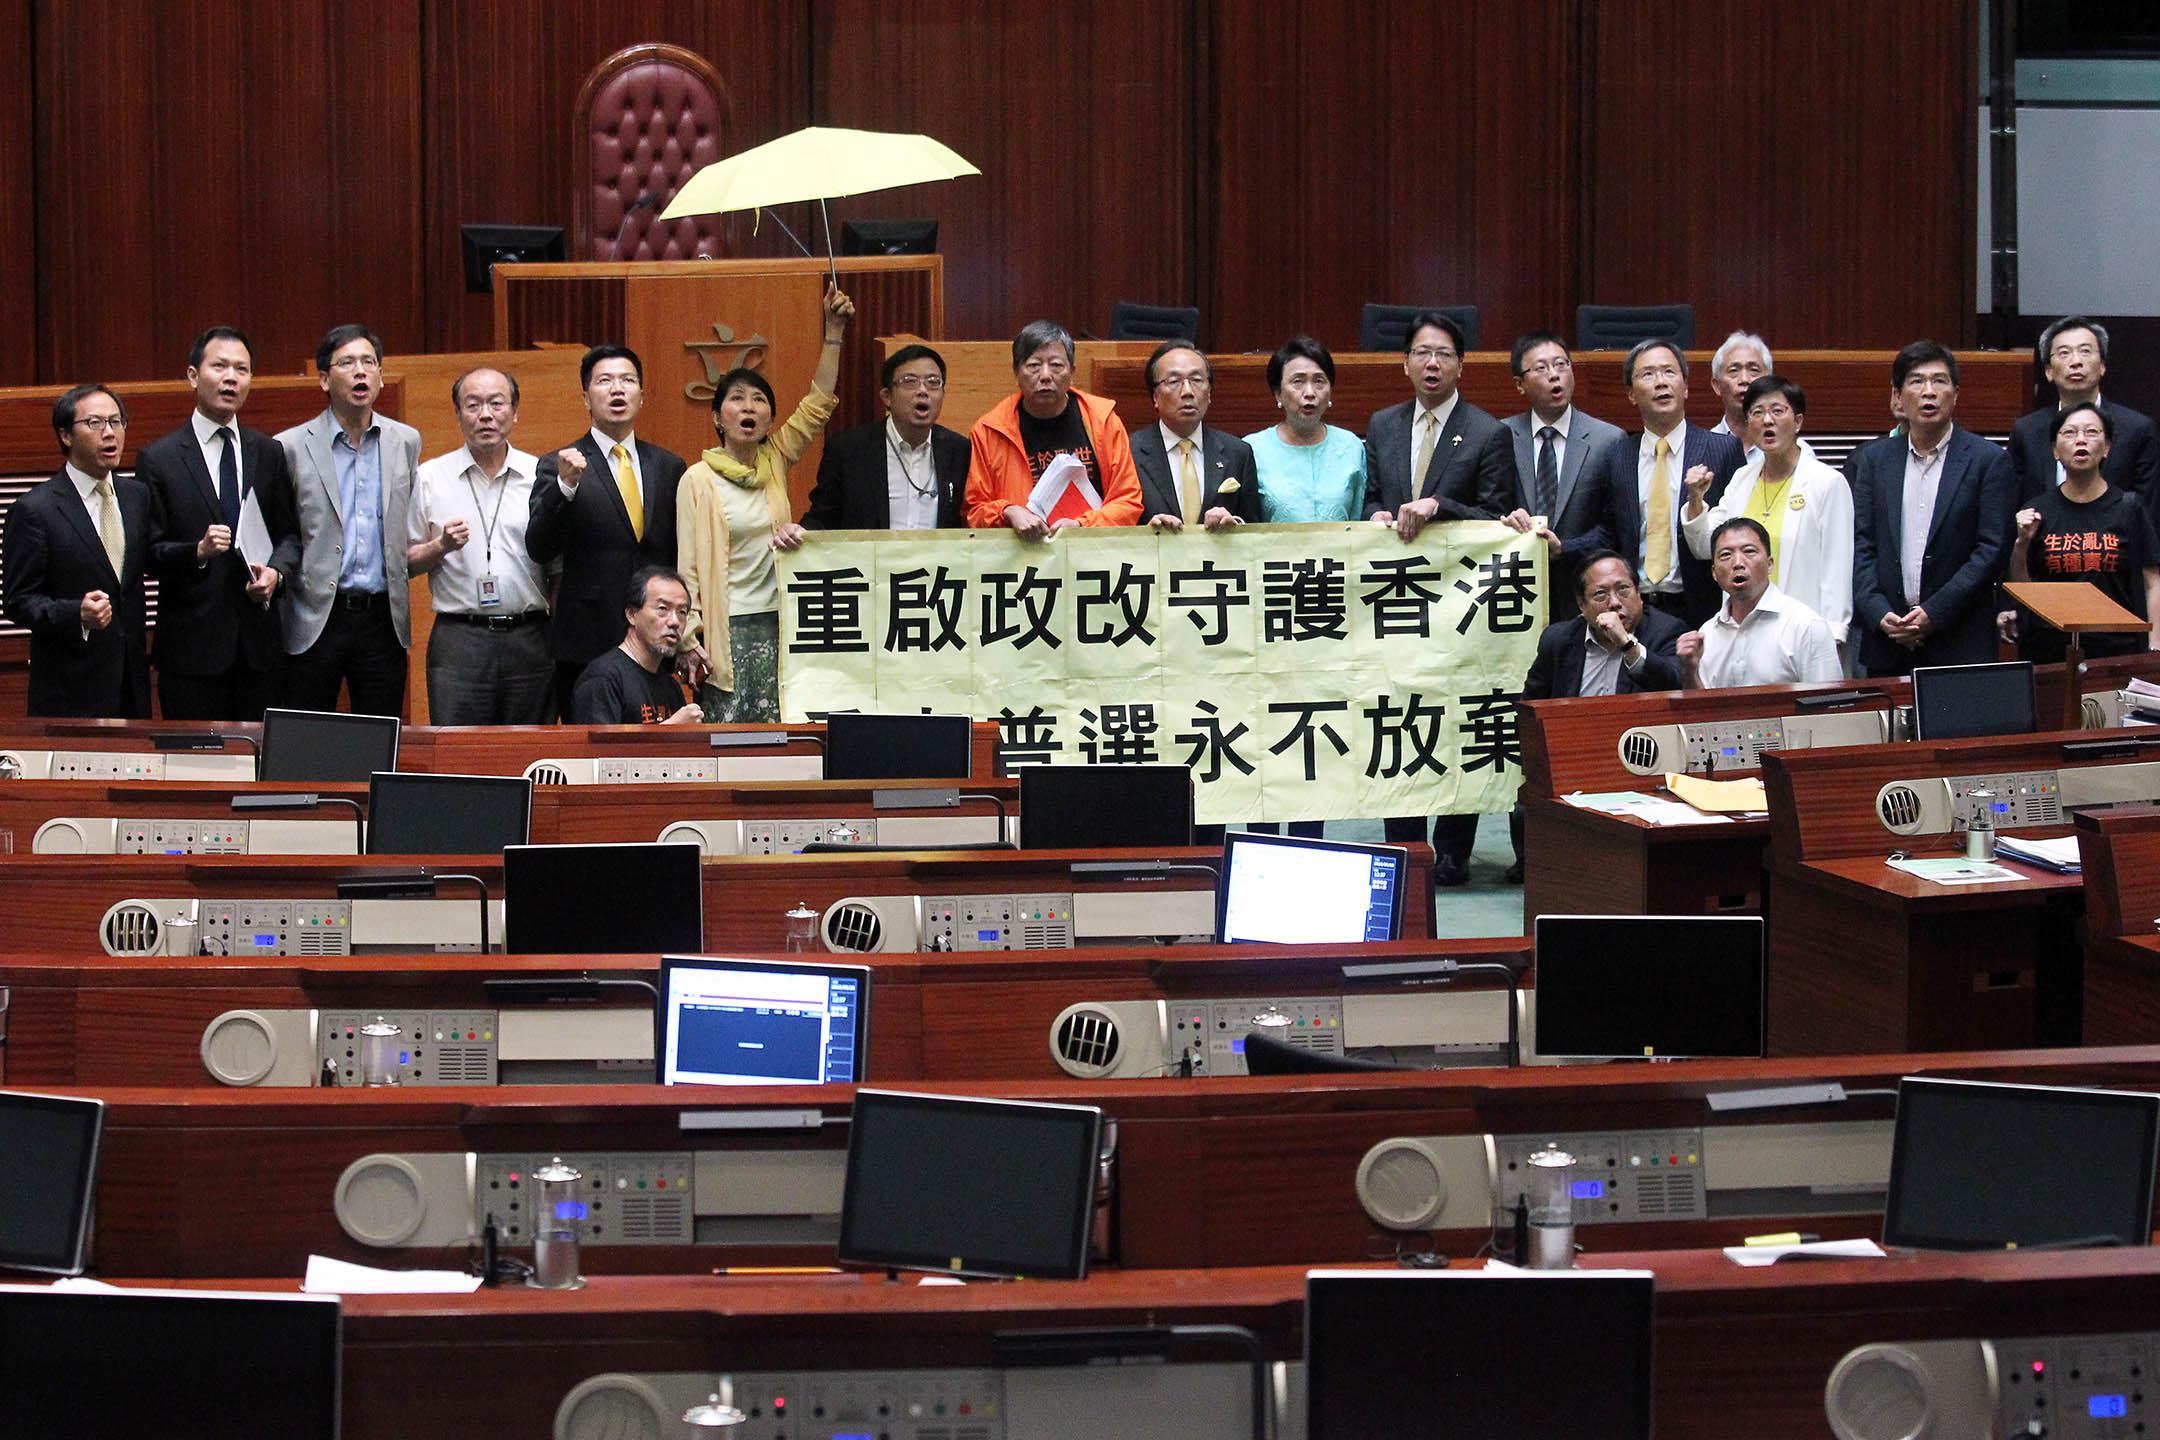 2015年6月18日,立法會表決《行政長官產生辦法決議案》期間,民主派議員持橫額抗議。